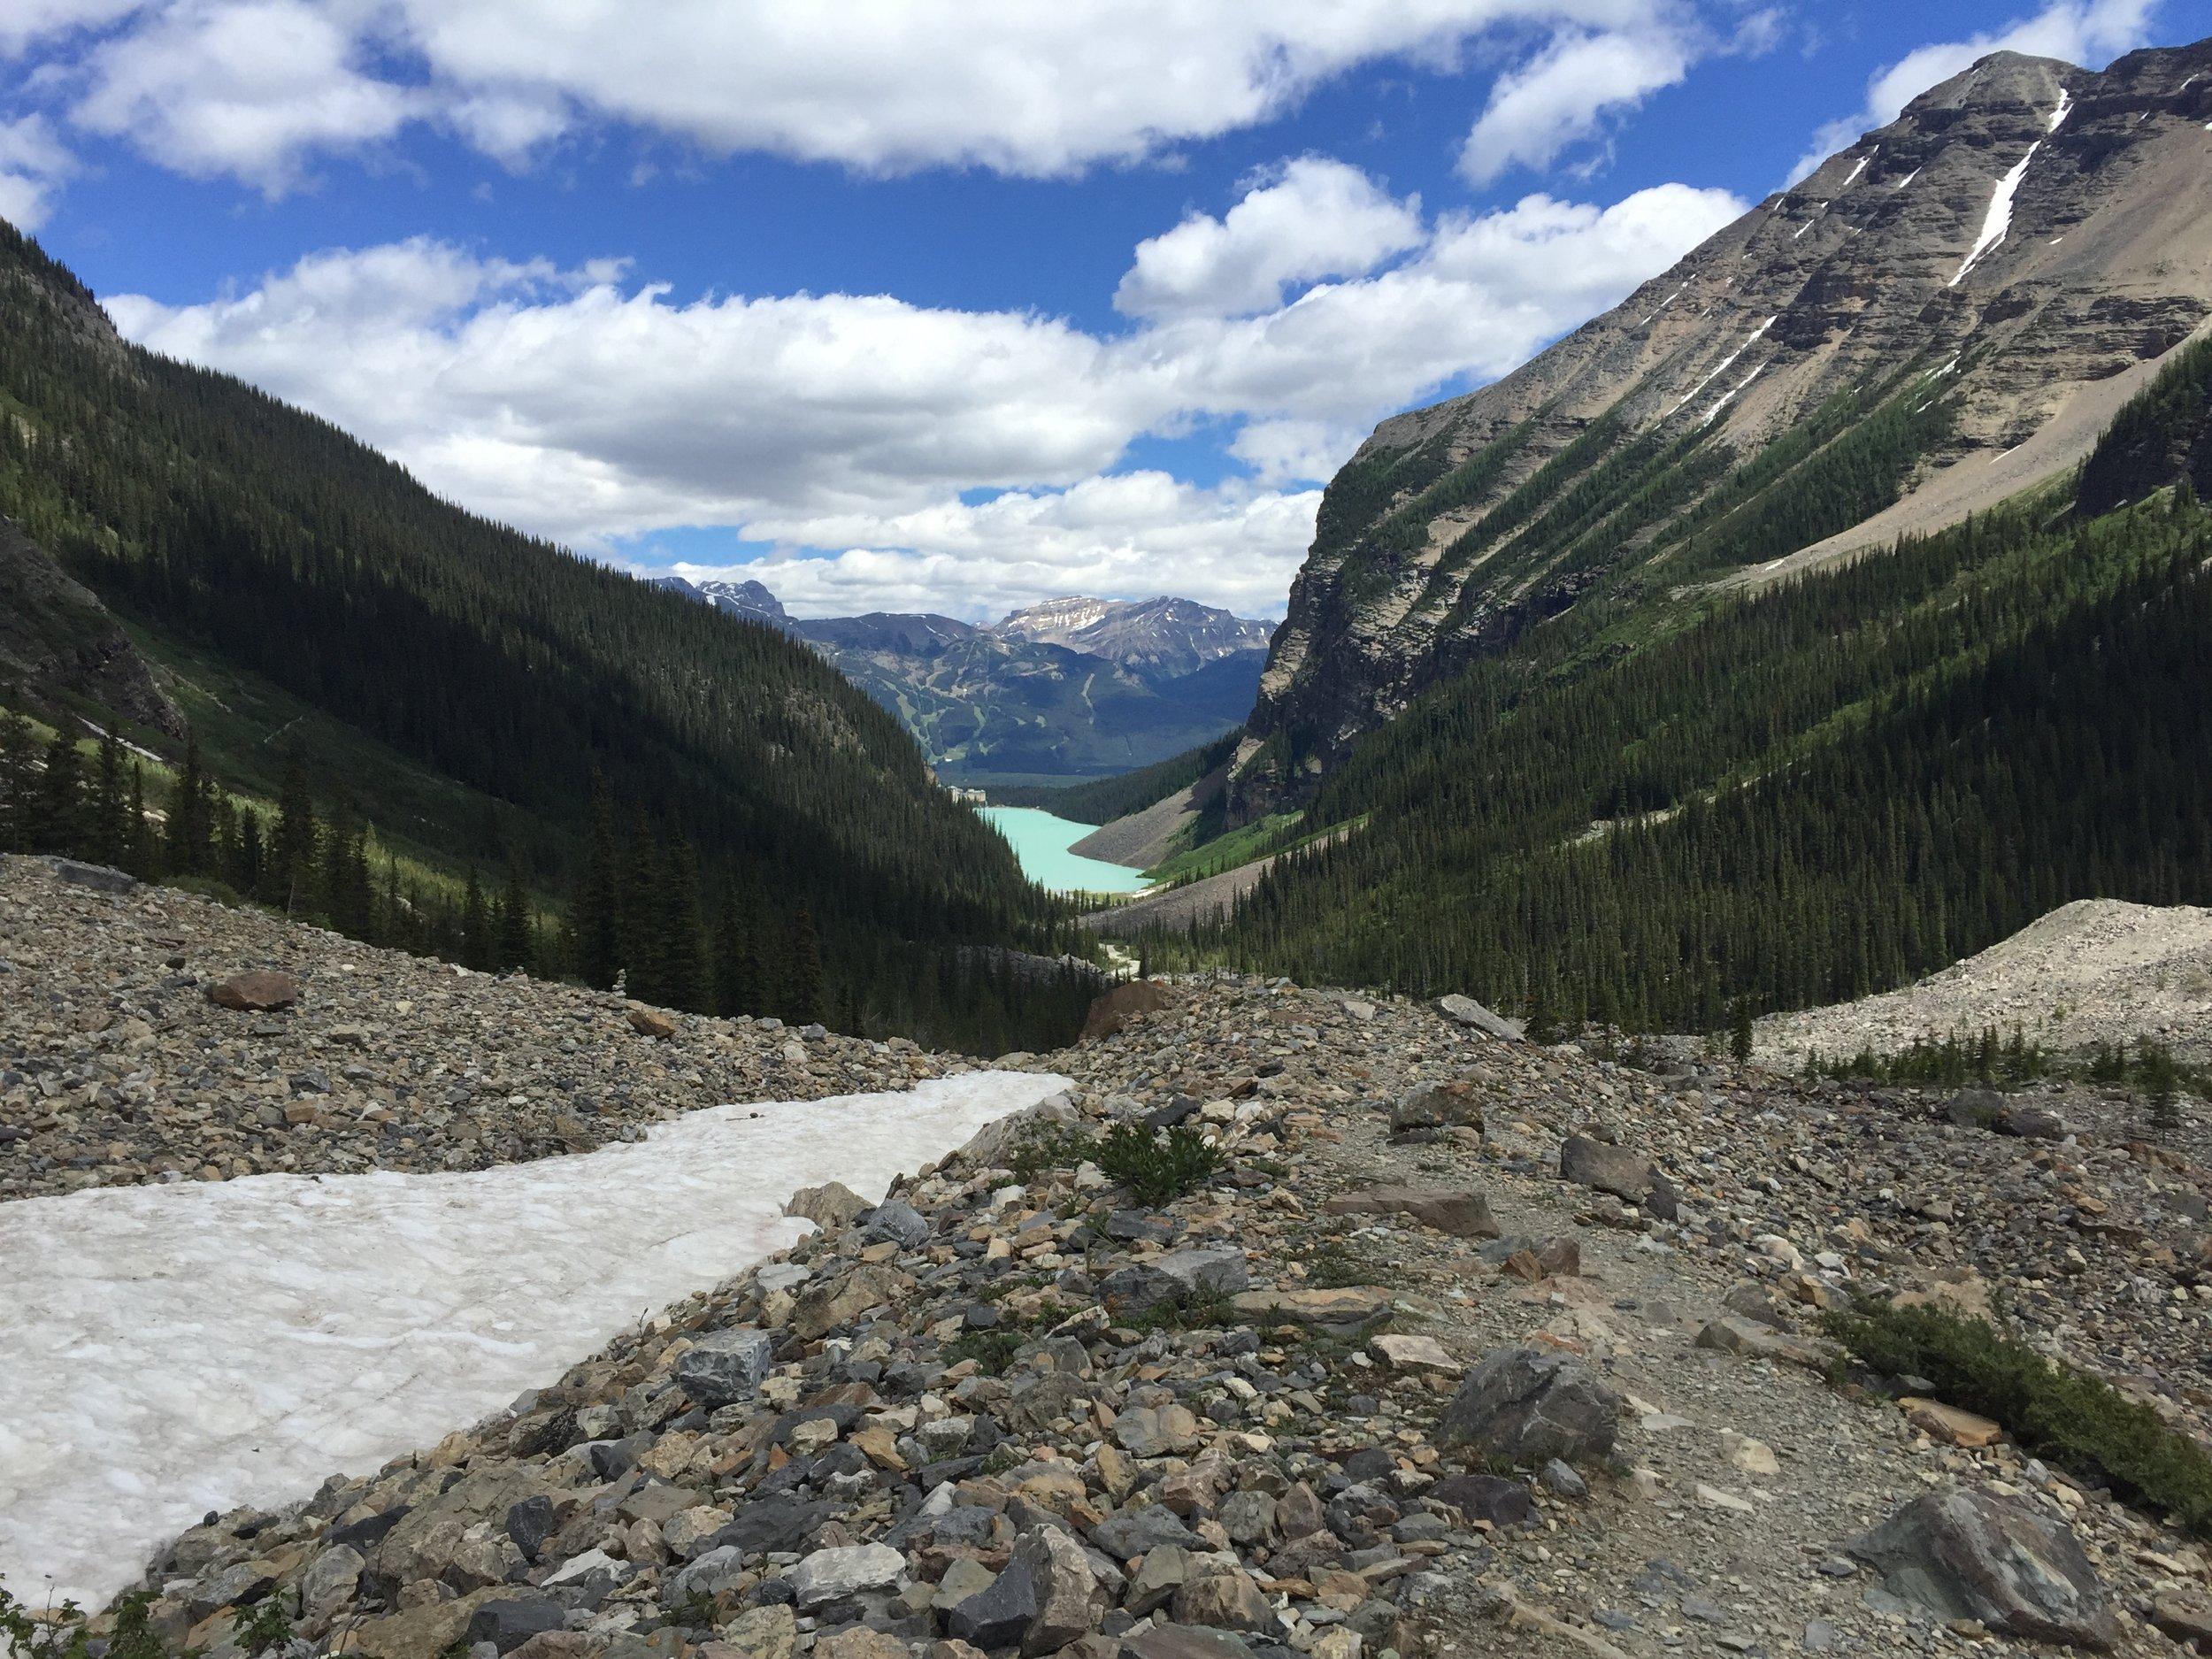 Canada June 2018 Banff National Tea House Hike 15.JPG